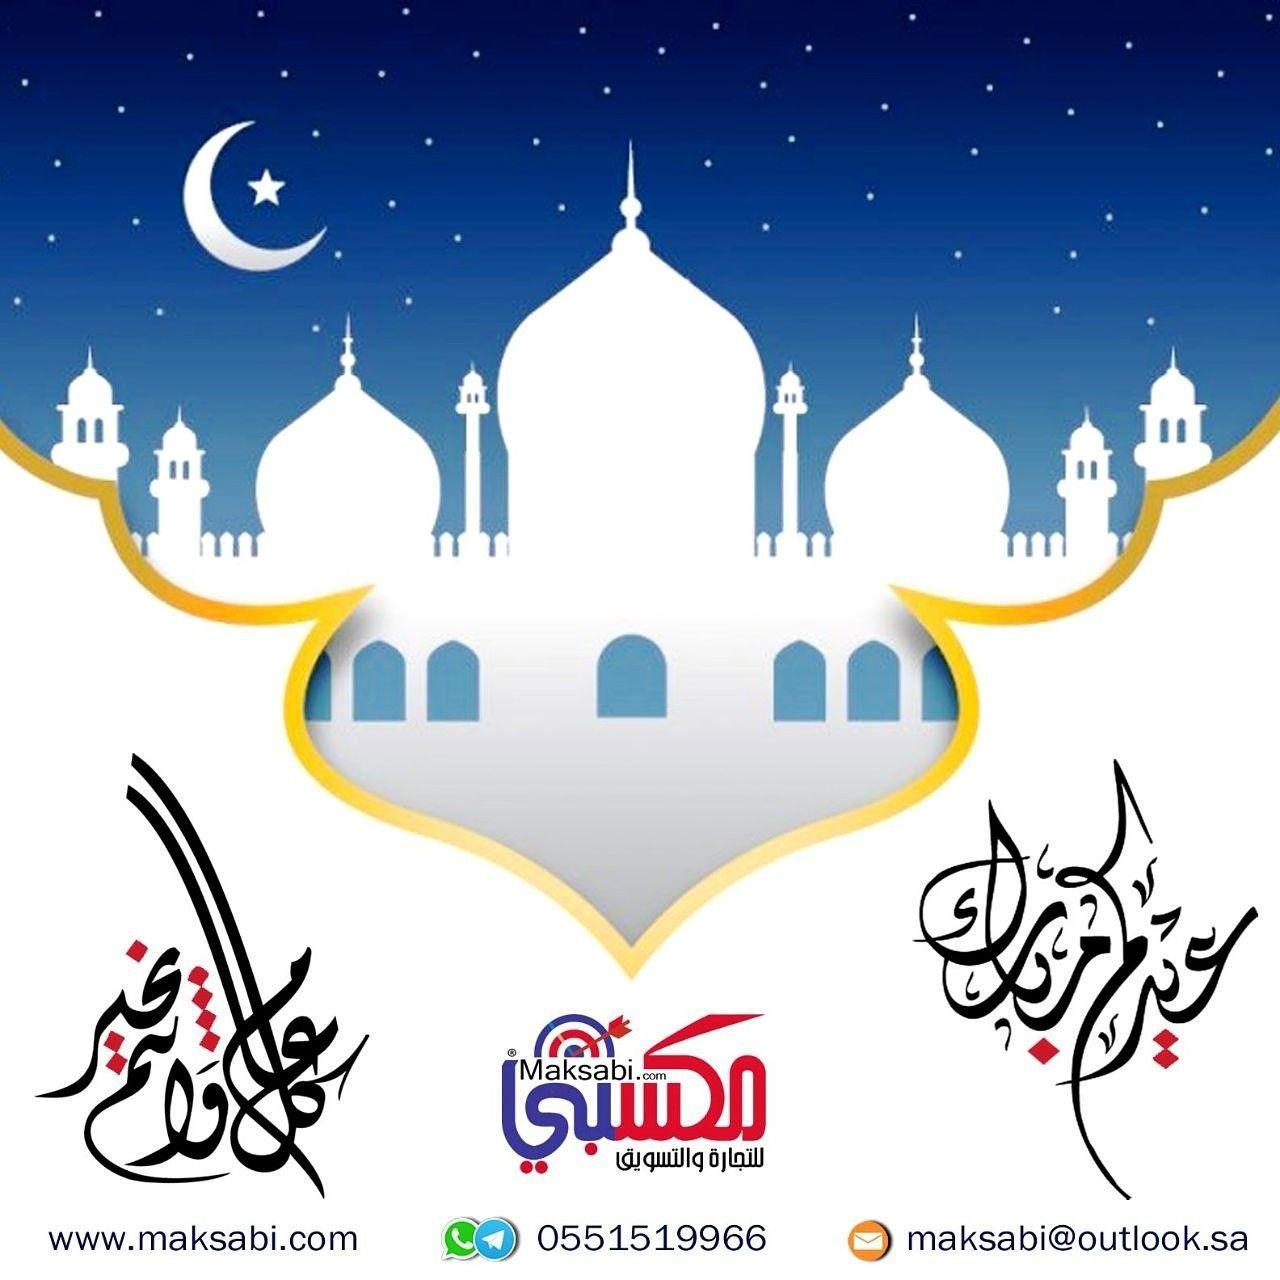 عيدكم مبارك وكل عام وأنتم بخير تقبل الله صالح أعمالكم Home Decor Decals Decor Home Decor